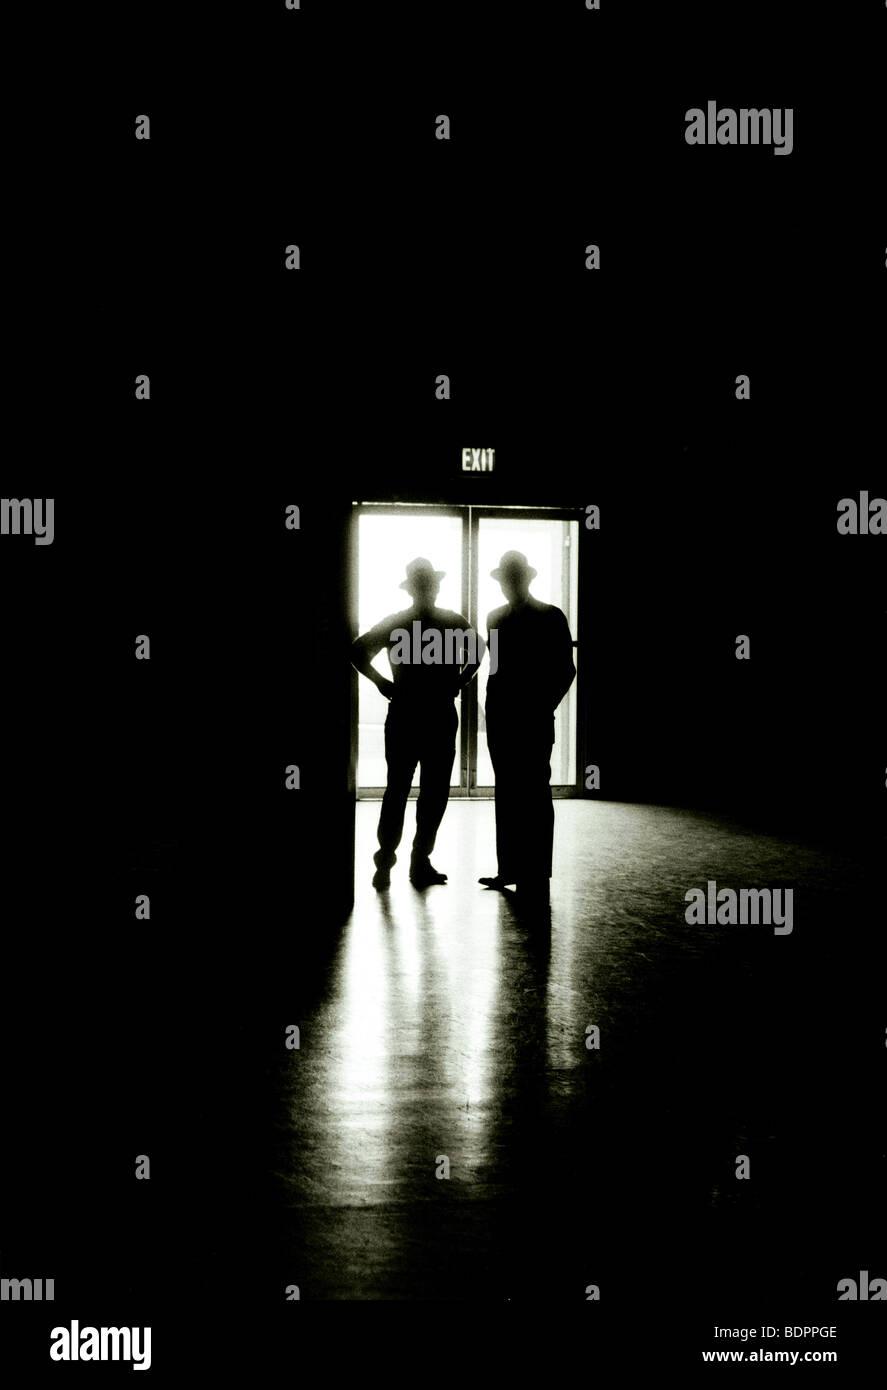 Deux personnages masculins silhouetté contre une porte de sortie Photo Stock